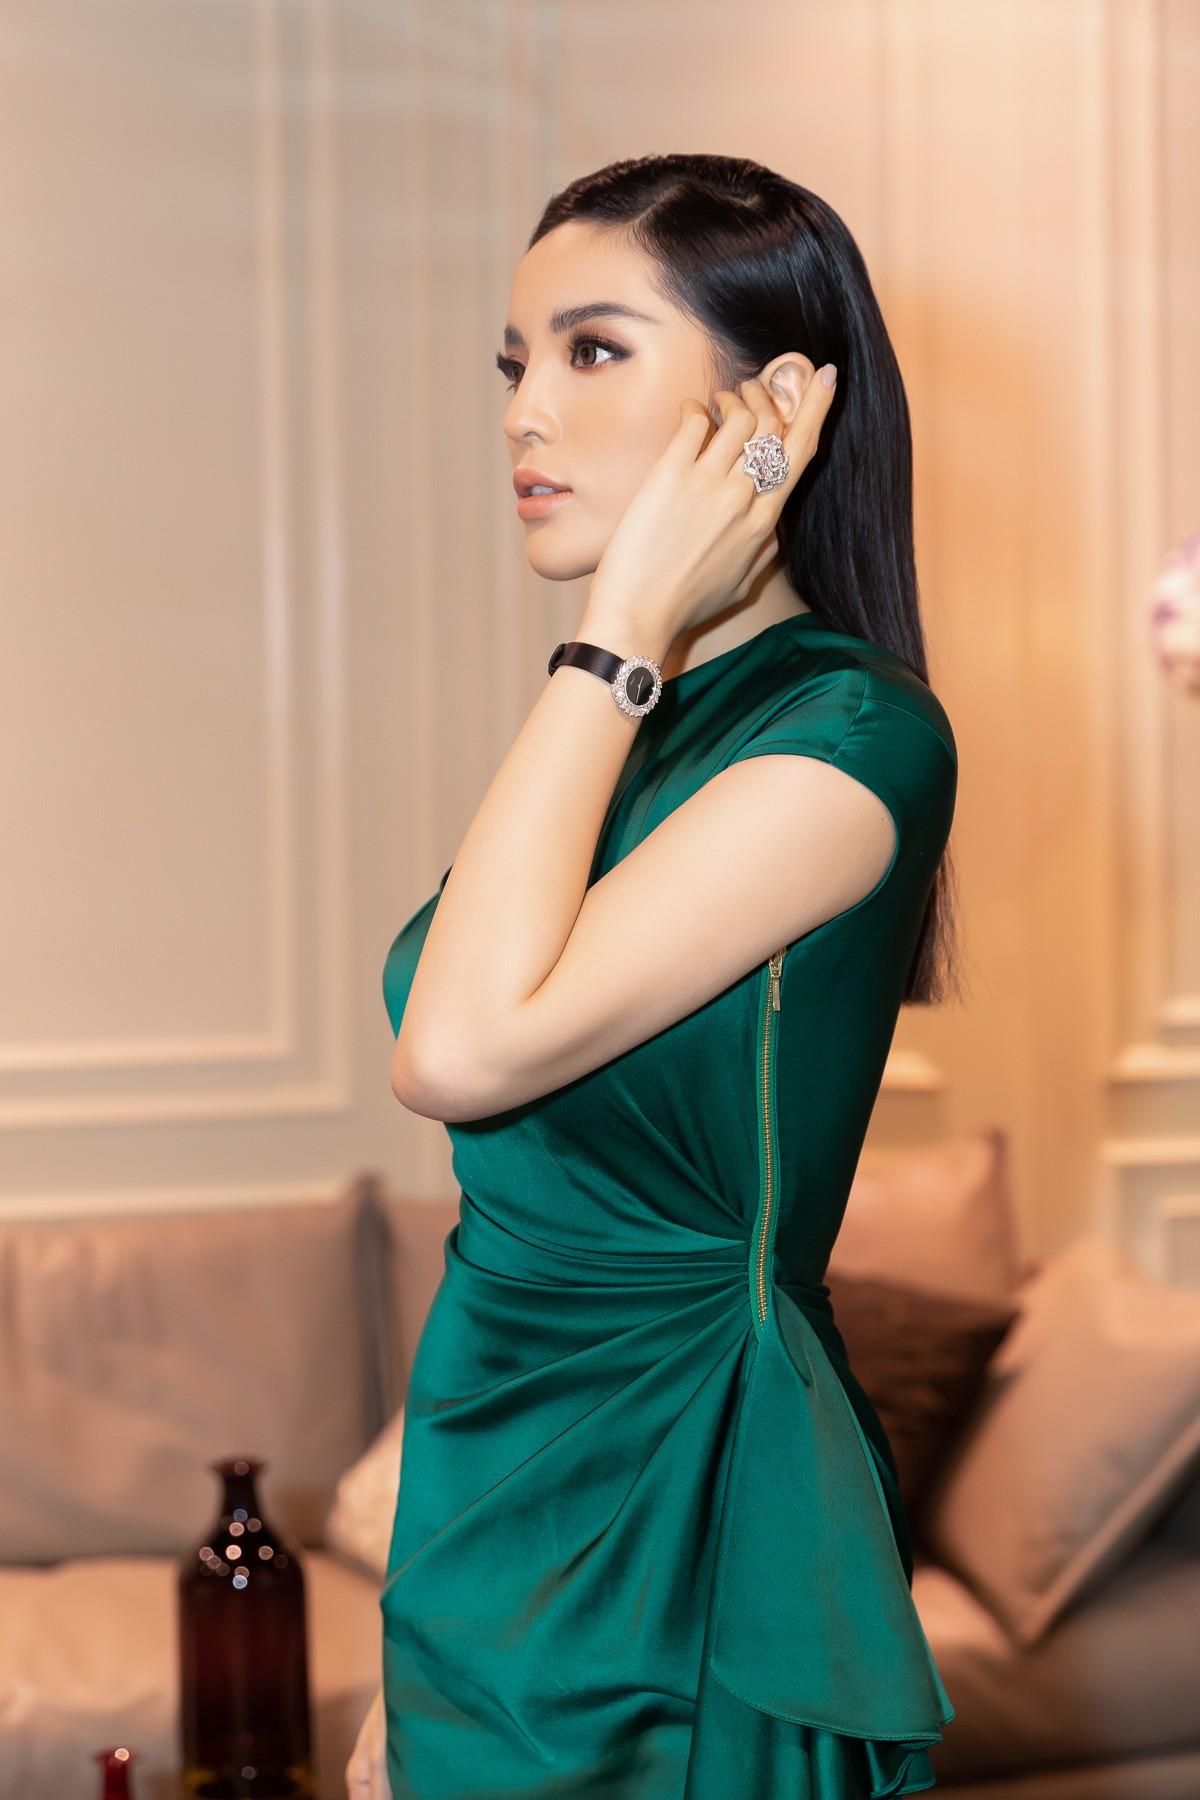 Hoa hậu Kỳ Duyên gây chú ý khi đắp hàng hiệu hơn 3 tỷ đồng đi sự kiện - Ảnh 1.